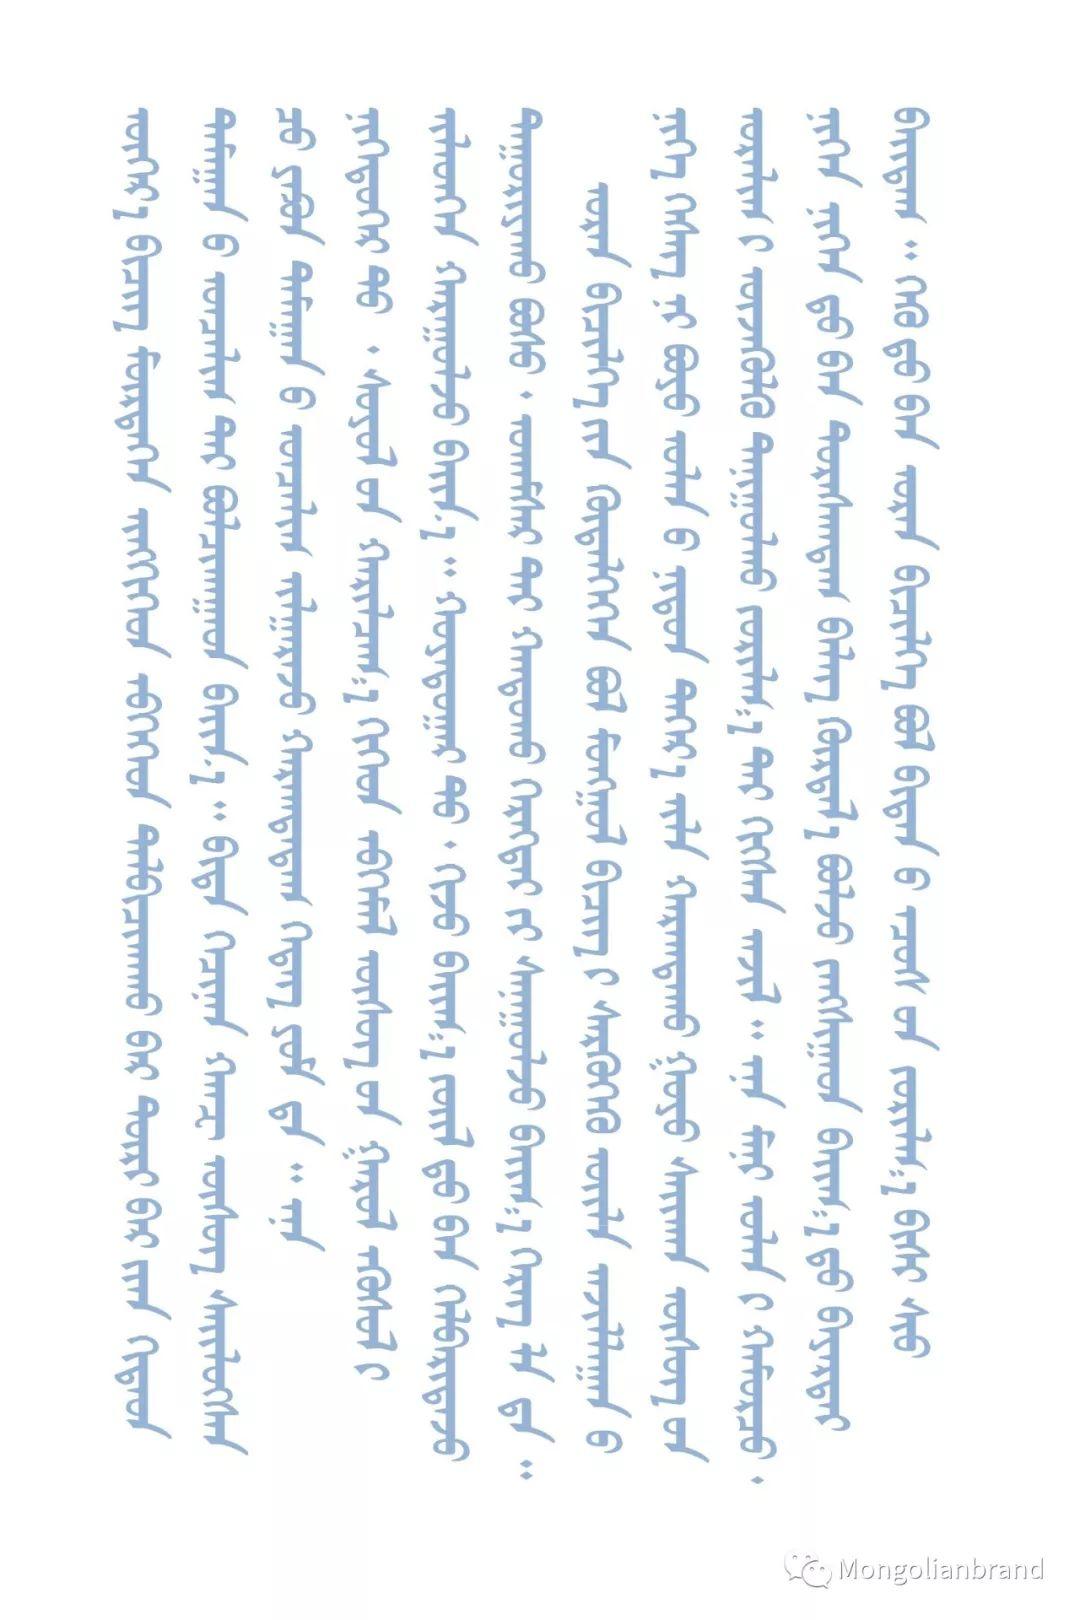 蒙古字体设计专家Jamiyansuren:让每个蒙古人掌握传统蒙古文是我们的终极目标 第23张 蒙古字体设计专家Jamiyansuren:让每个蒙古人掌握传统蒙古文是我们的终极目标 蒙古文化